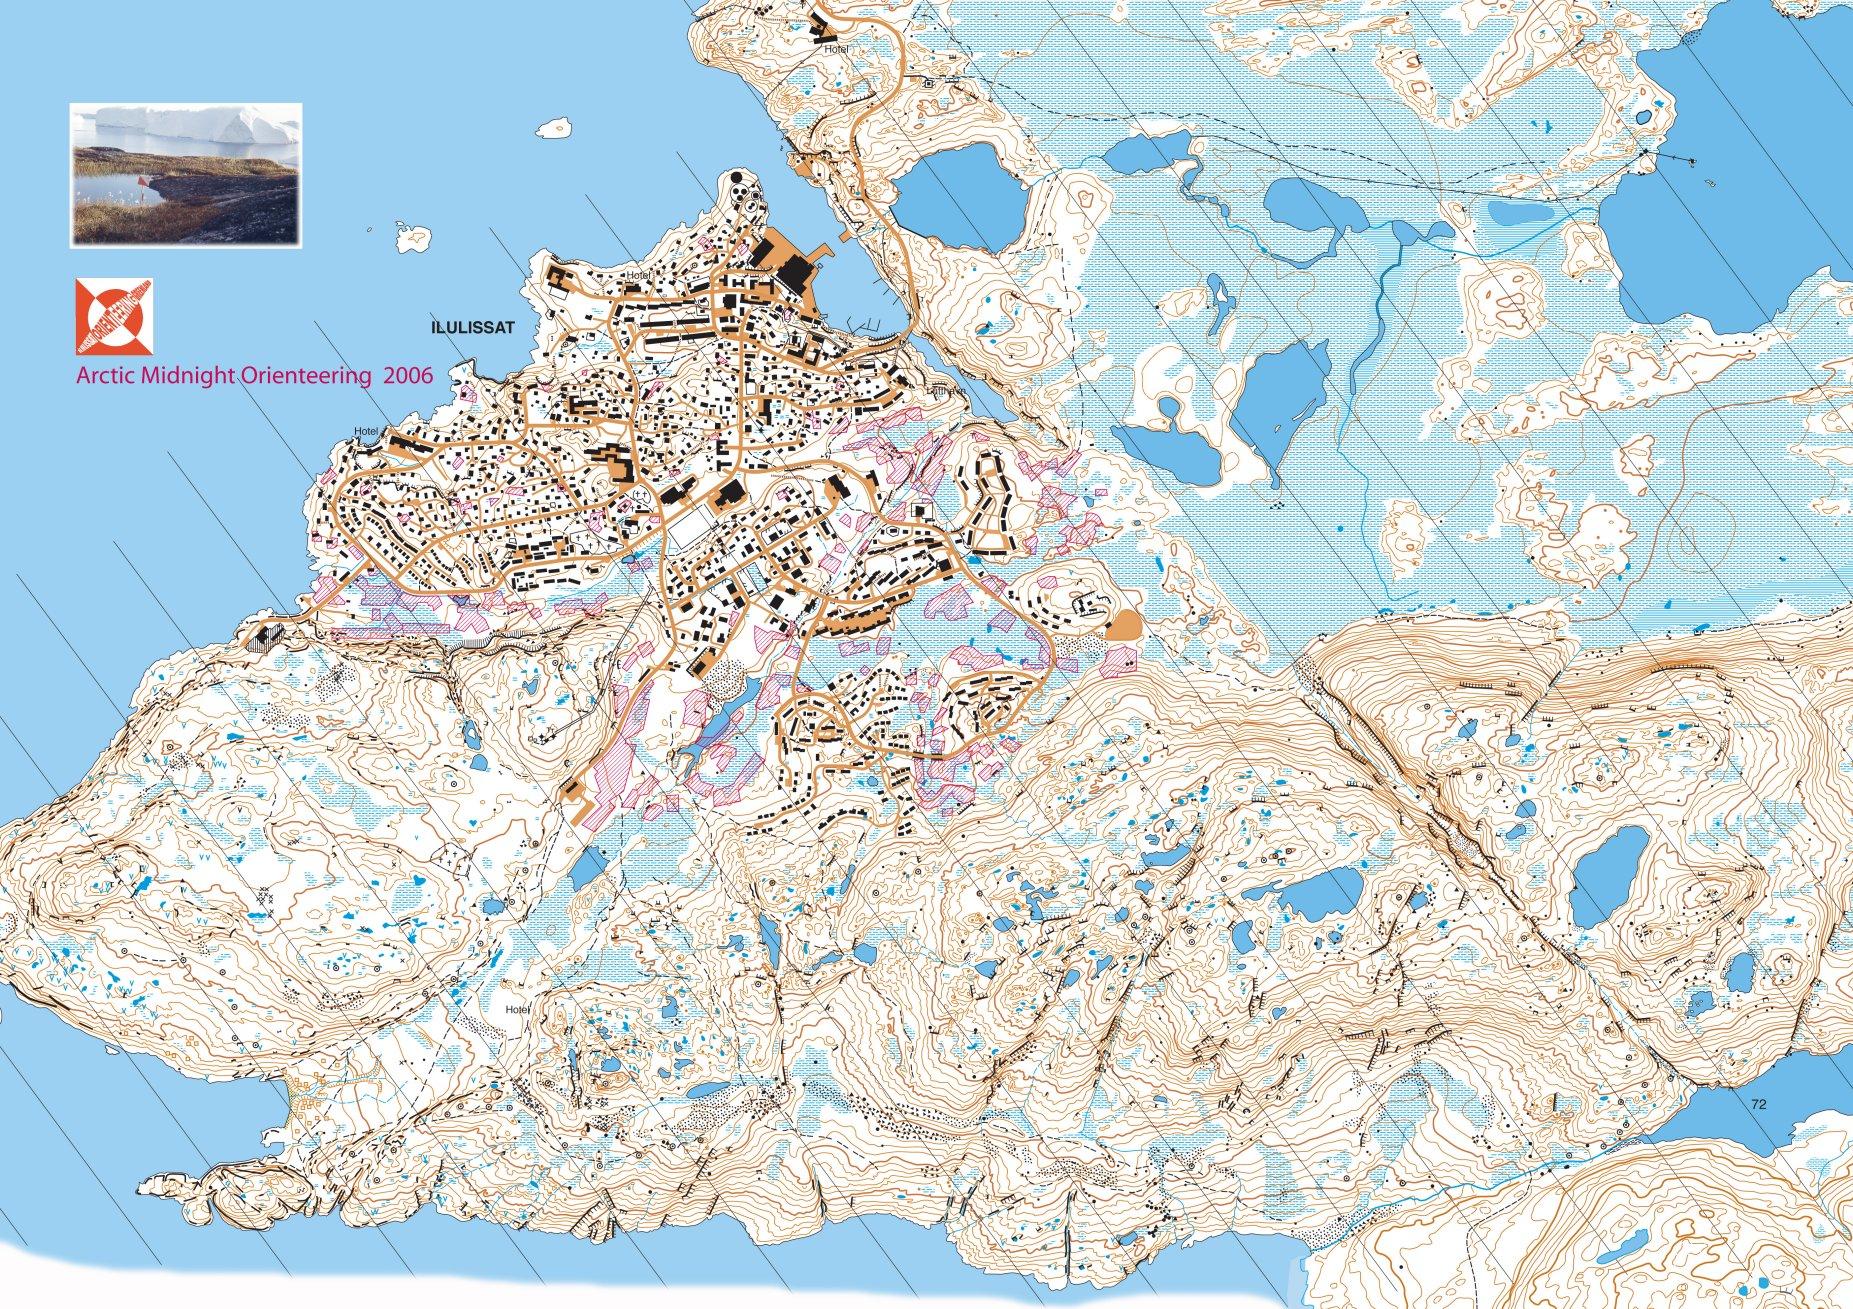 Ol Karte Ilulissat Big Map World Of O Maps